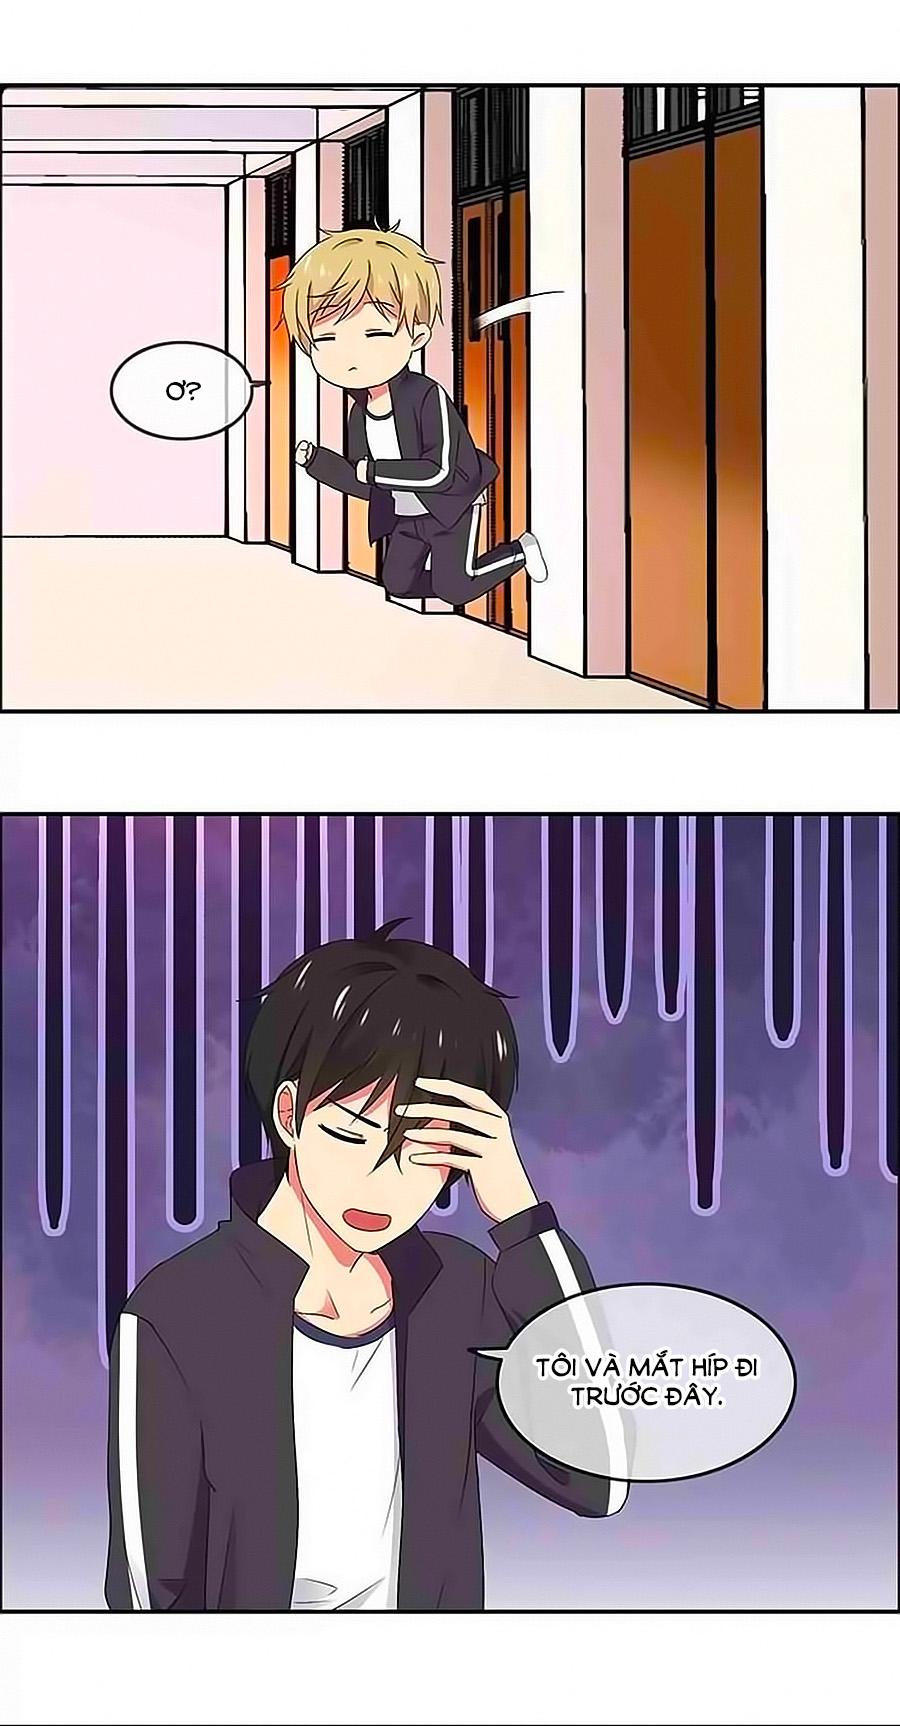 Đại Thần Tình Yêu Chớ Chạm Tôi Chap 36 Upload bởi Truyentranhmoi.net